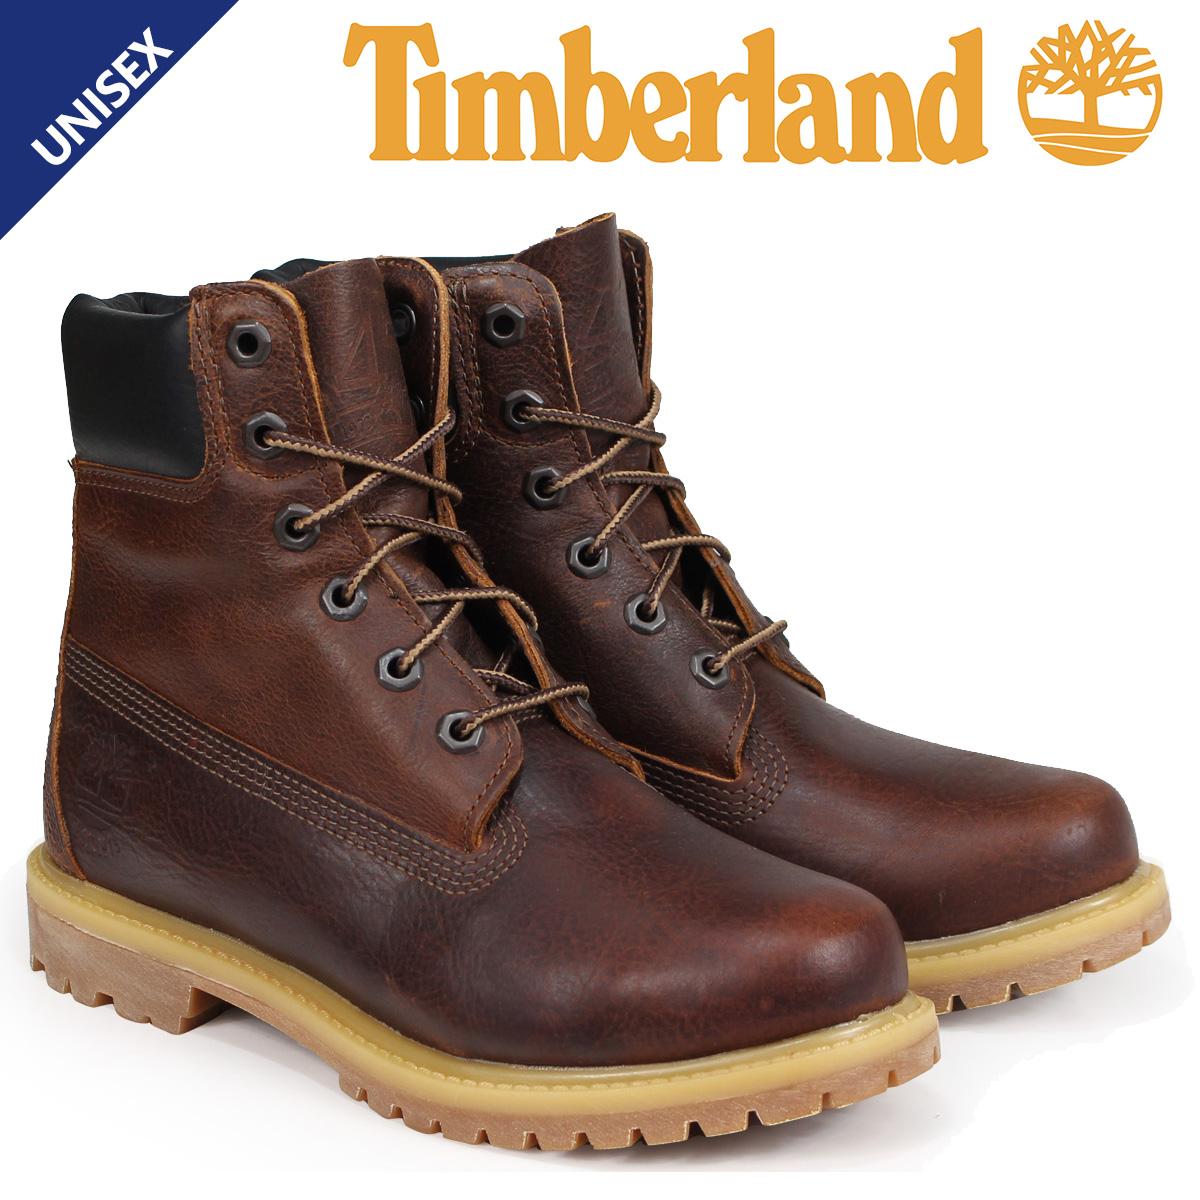 ティンバーランド ブーツ レディース 6インチ Timberland 6-INCH PREMIUM BOOTS A1TLM Wワイズ ブラウン [9/5 新入荷]